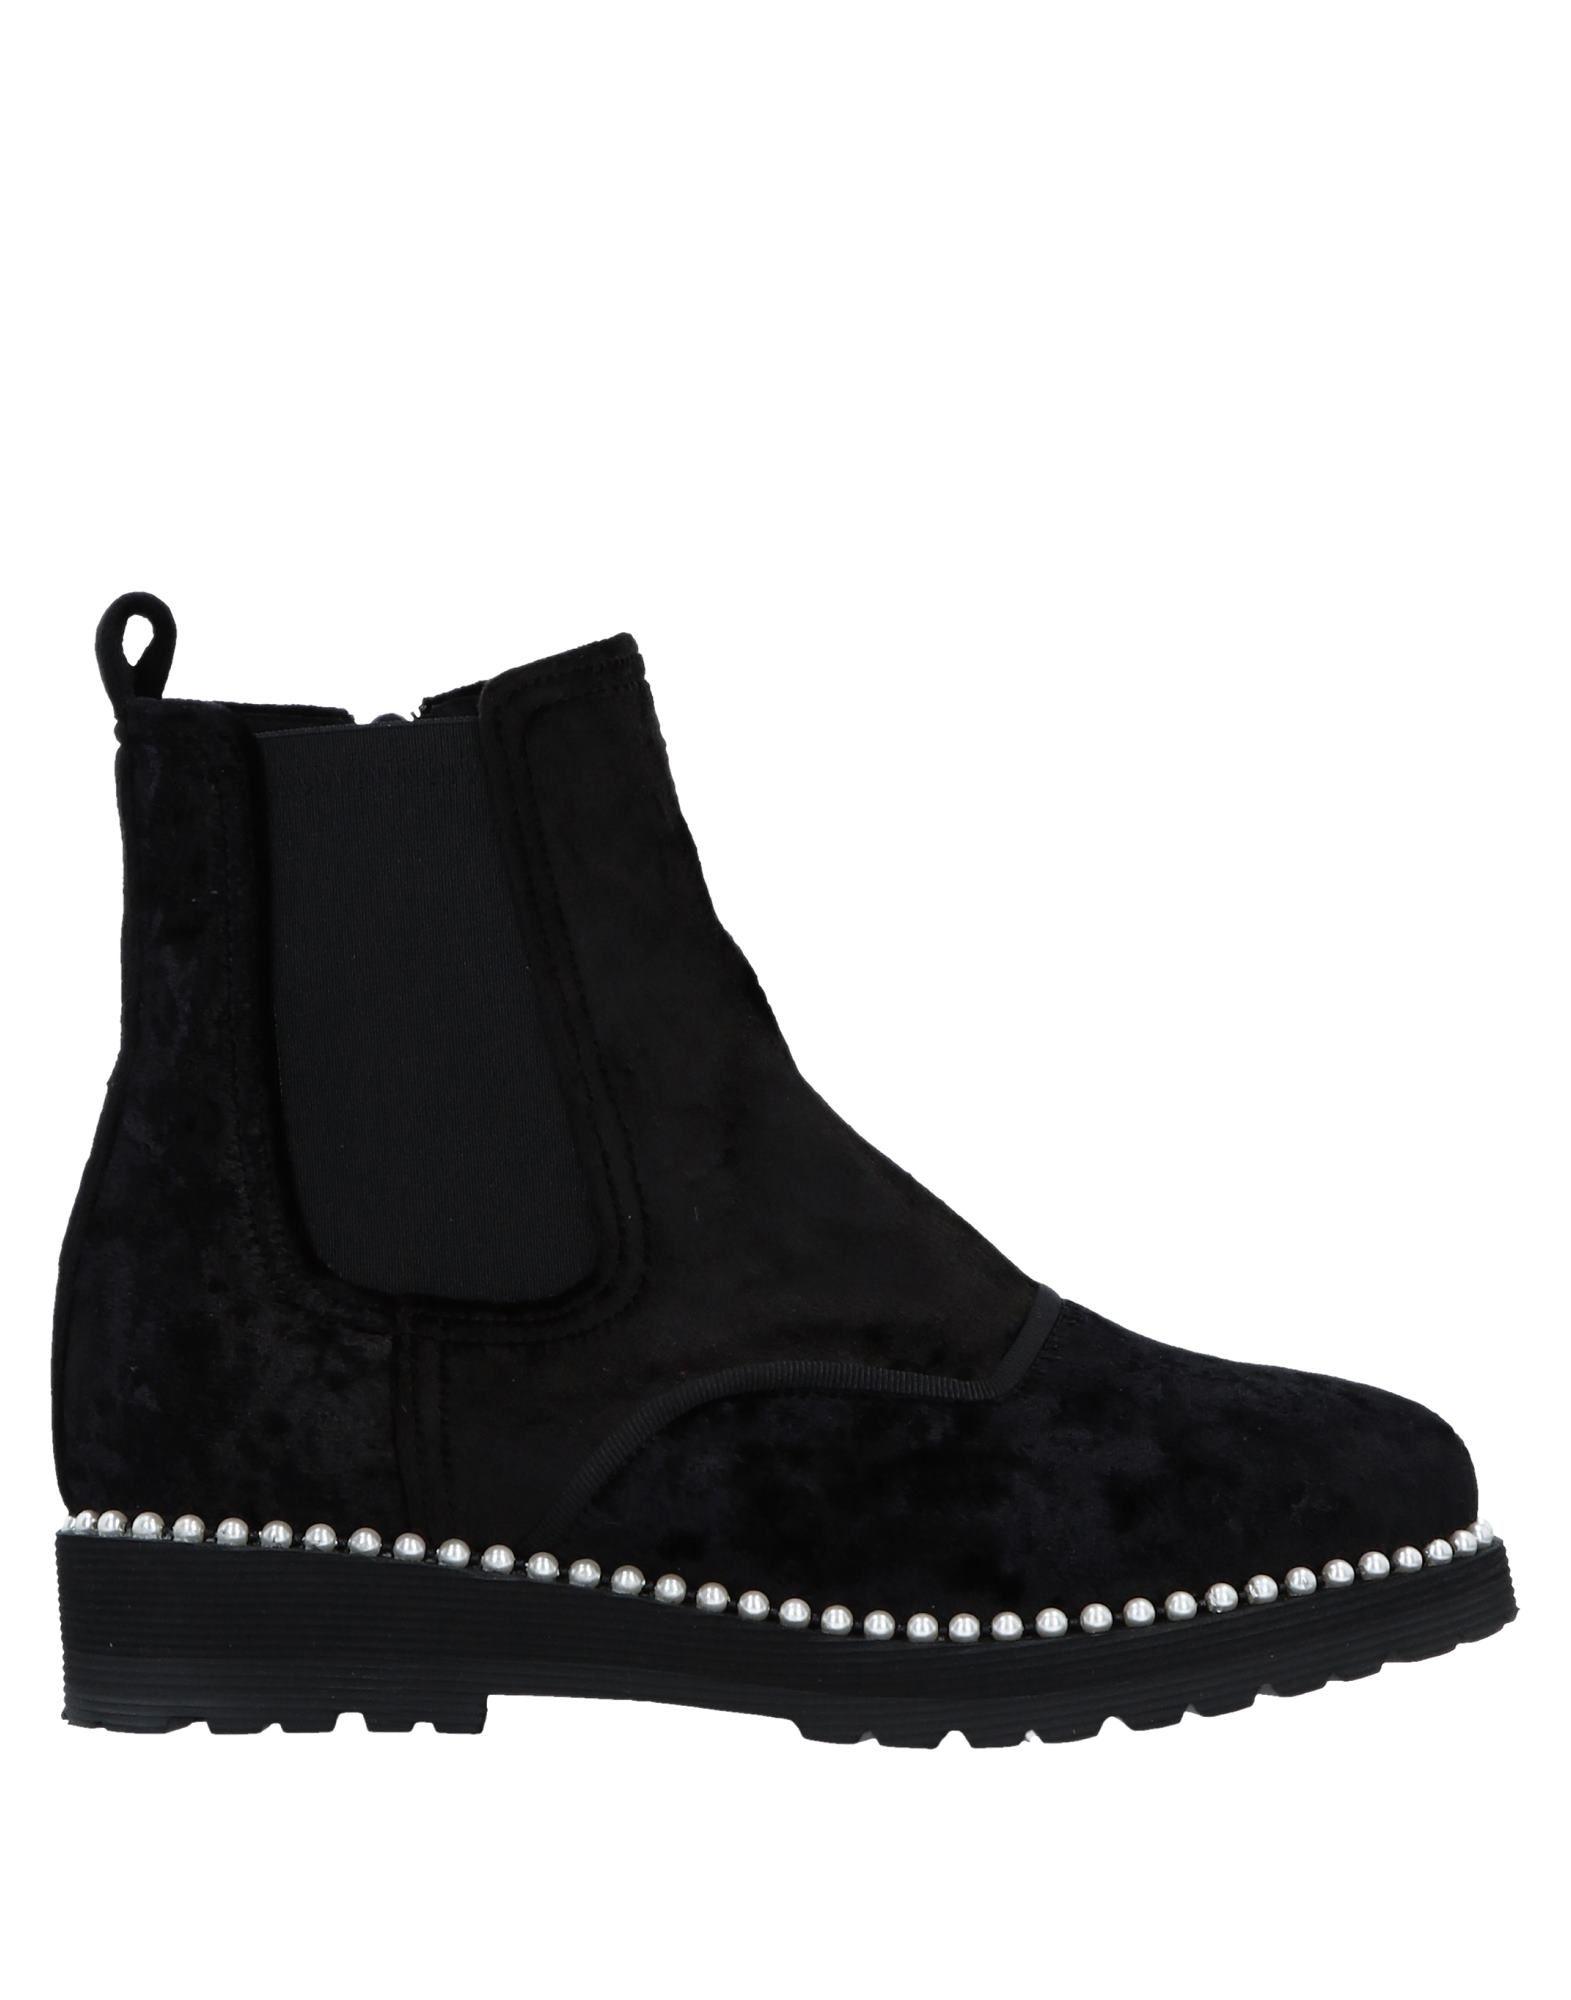 Suecomma Bonnie Stiefelette Damen  11516279LEGut aussehende strapazierfähige Schuhe